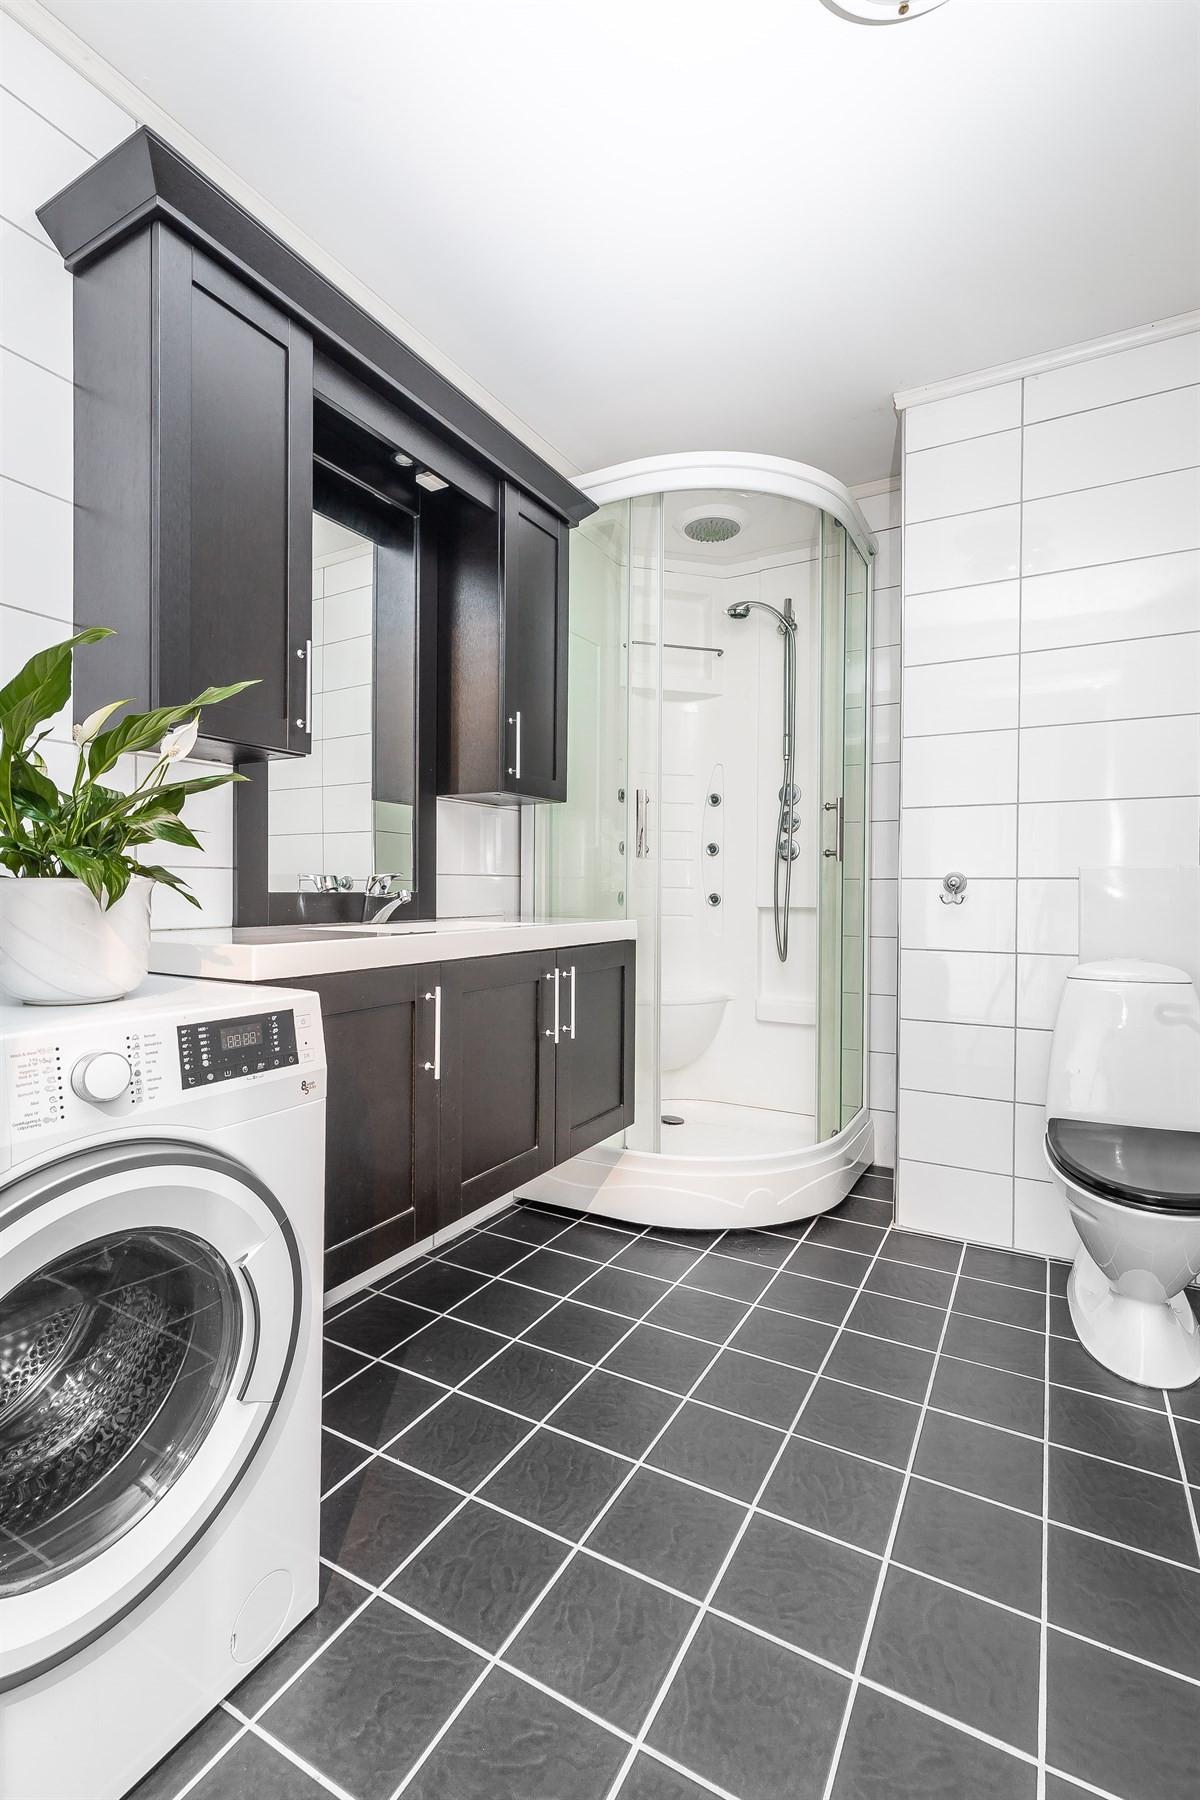 Komplett fliselagt baderom med moderne innredning og gulvvarme